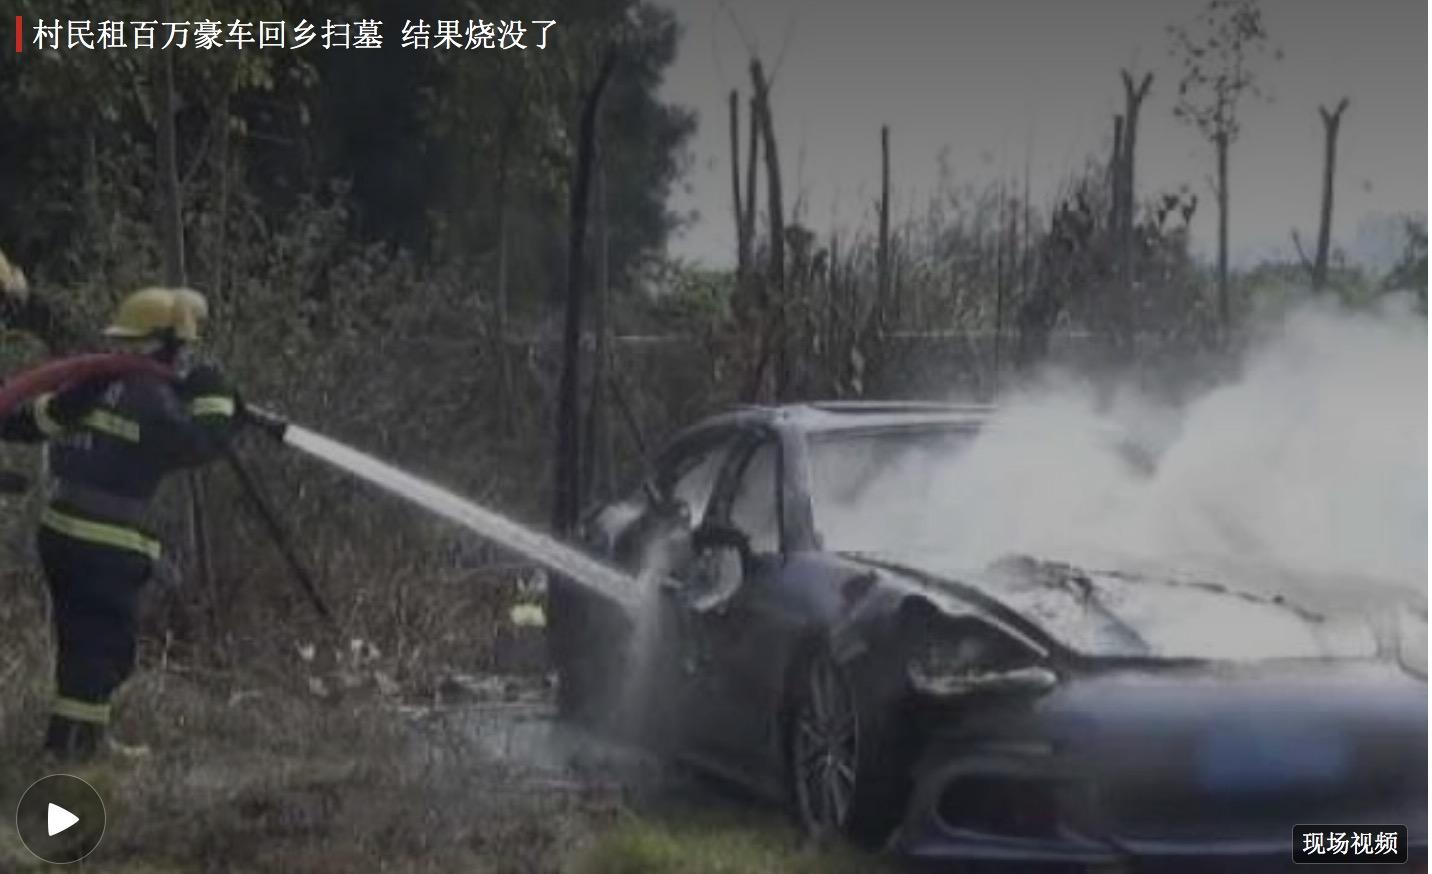 村民清明节租百万豪车回乡扫墓 车被烧没了(现场)